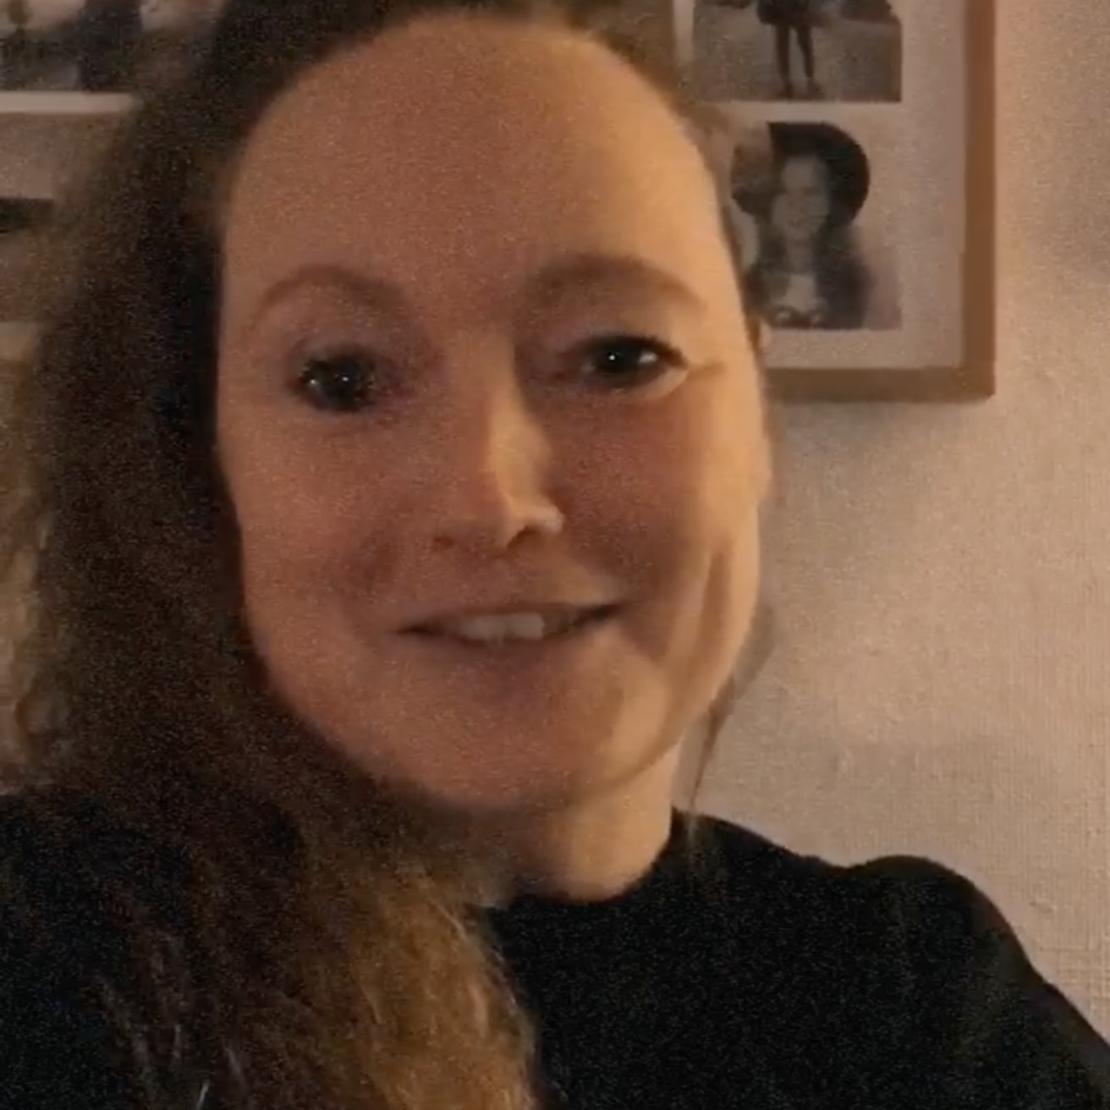 Billede af Carina som blev student i 1999